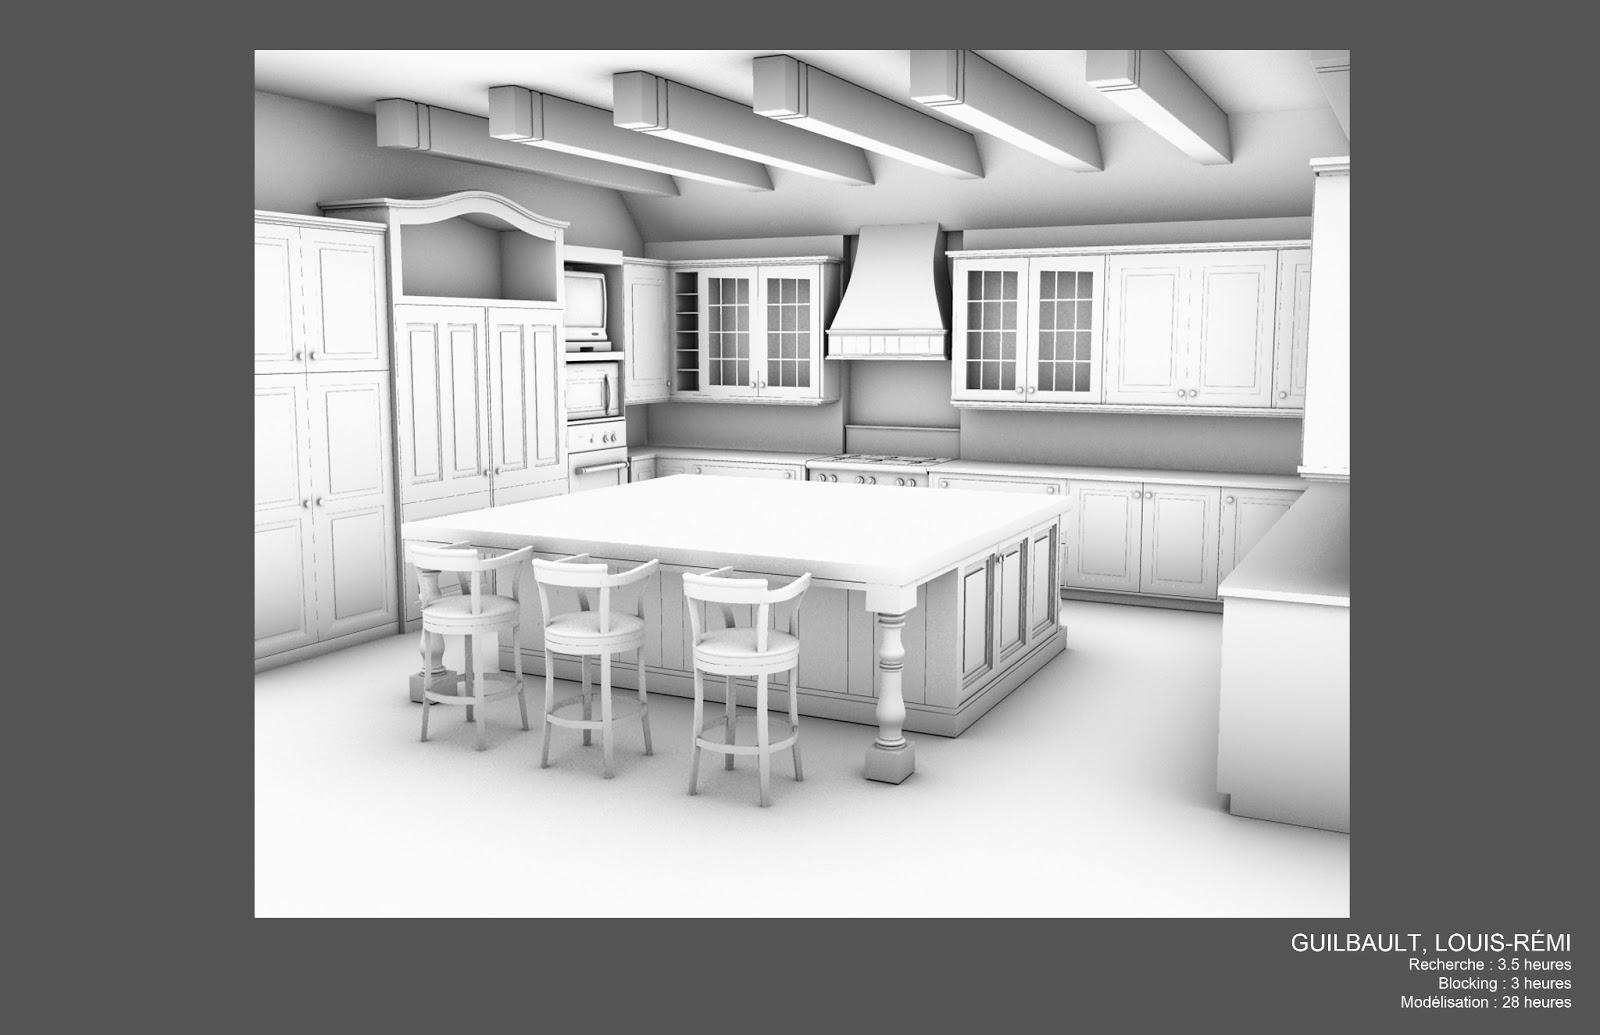 Louis r mi guilbault mod lisation d 39 une cuisine 3d for Modelisation cuisine 3d